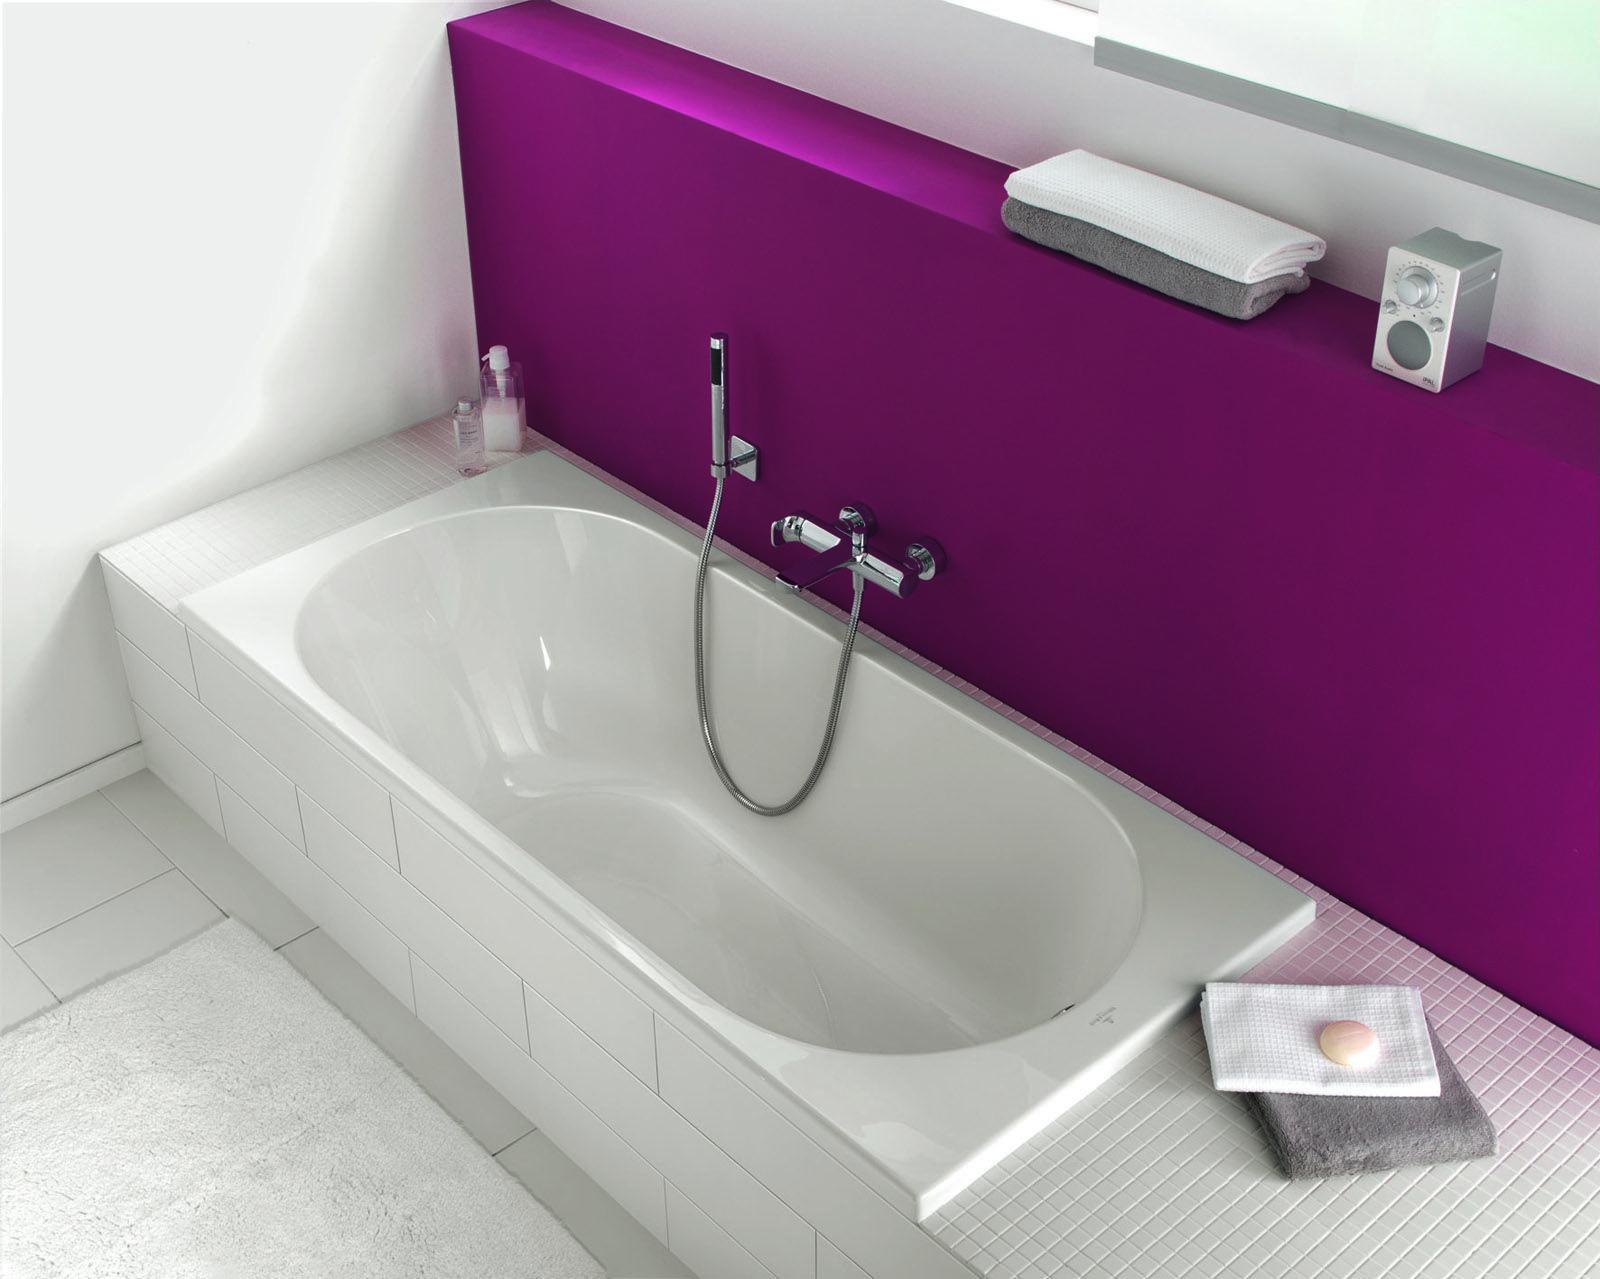 Vasca Da Bagno Misure : Vasca angolare misure minime con vasche da bagno piccole cose di